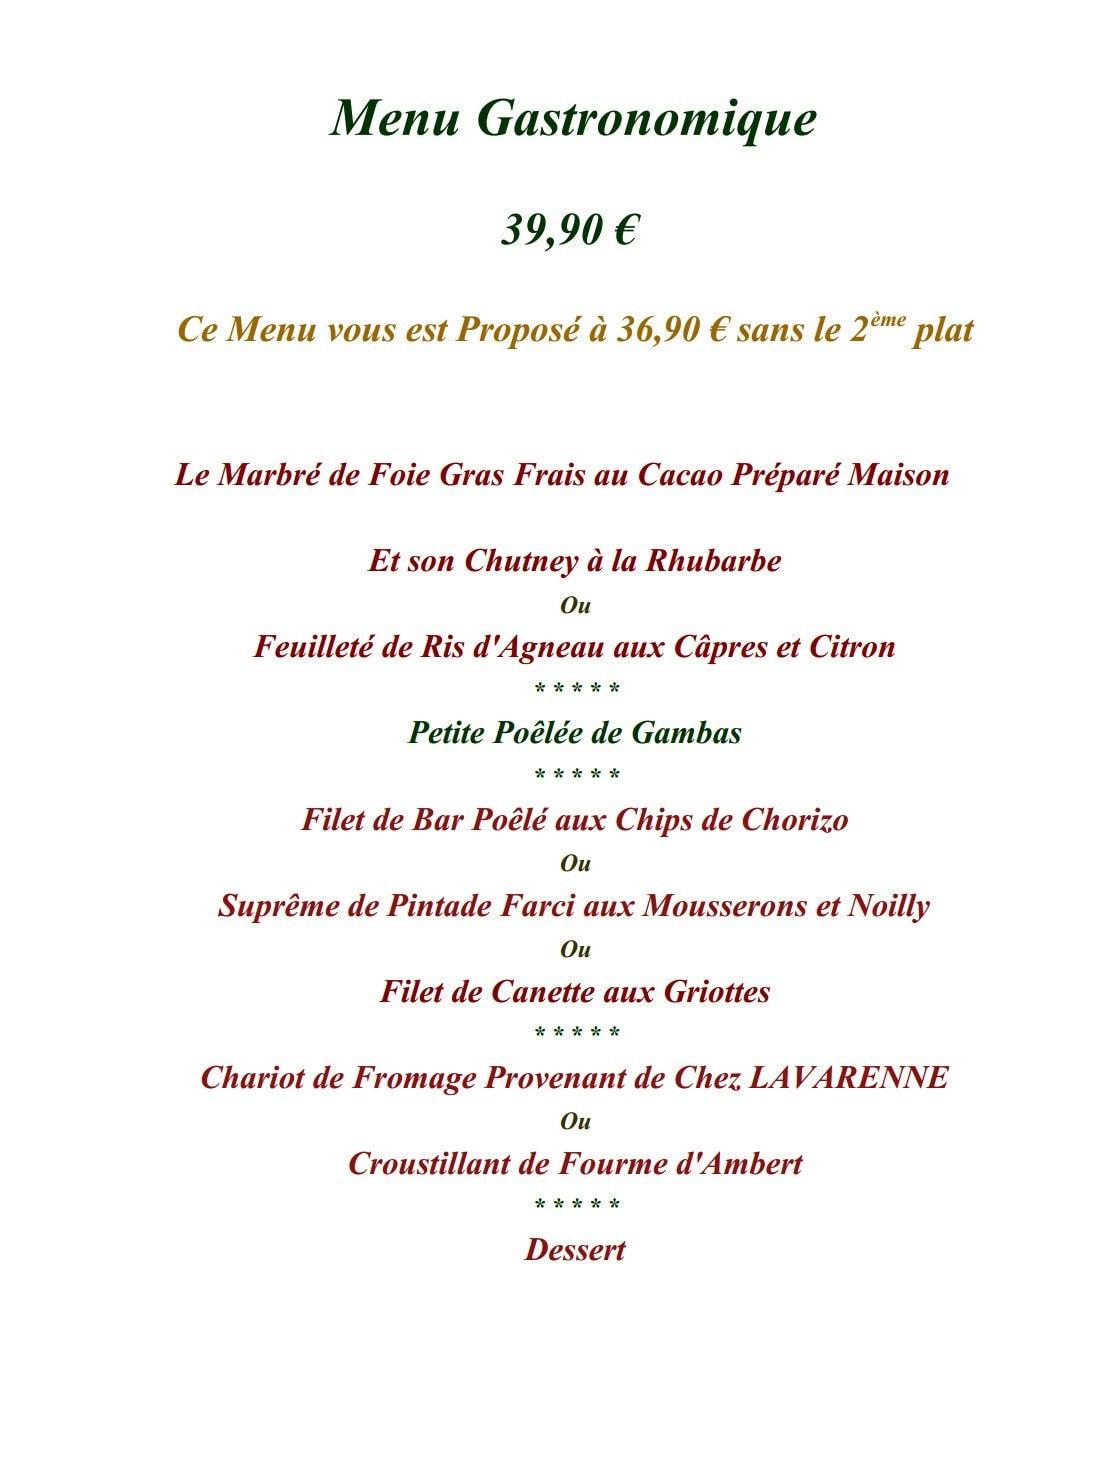 Restaurant des plantes orleans carte menu et photos - Brasserie lutetia menu ...